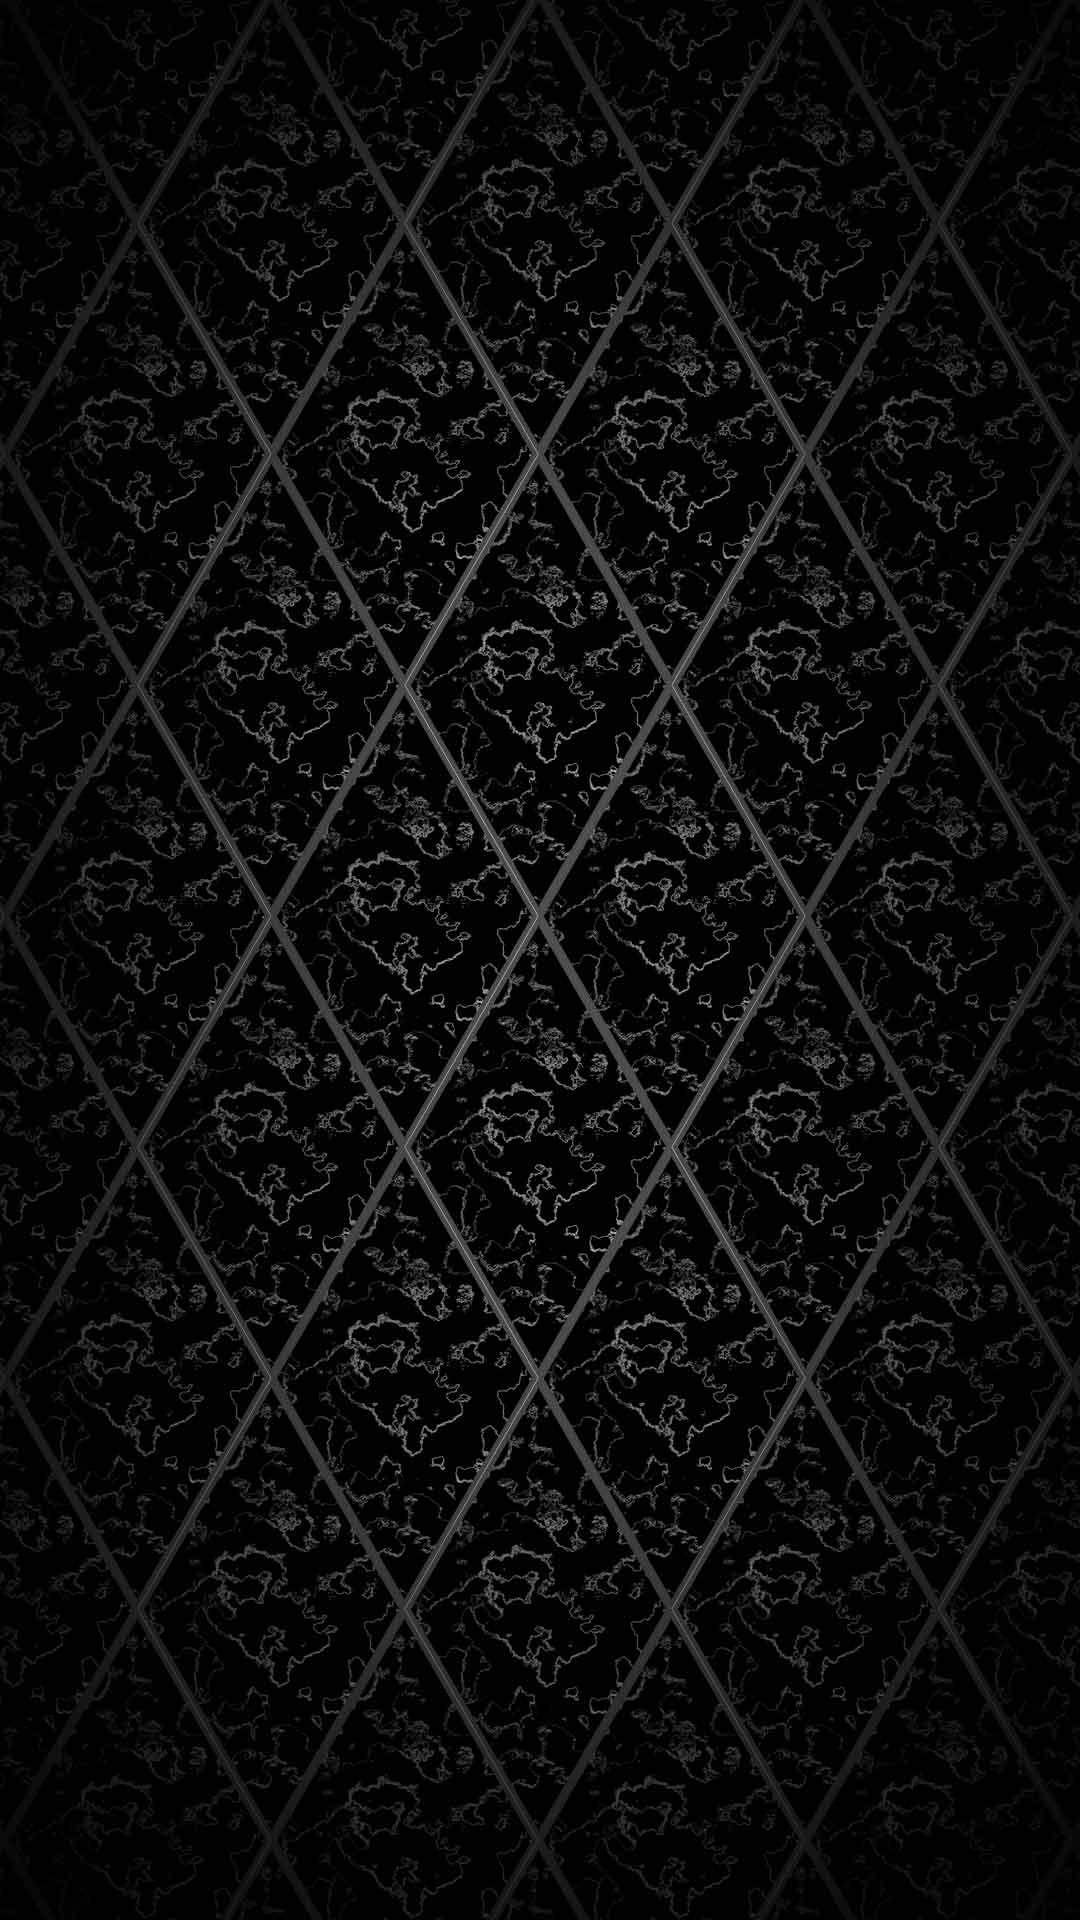 wallpaper hd for mobile black